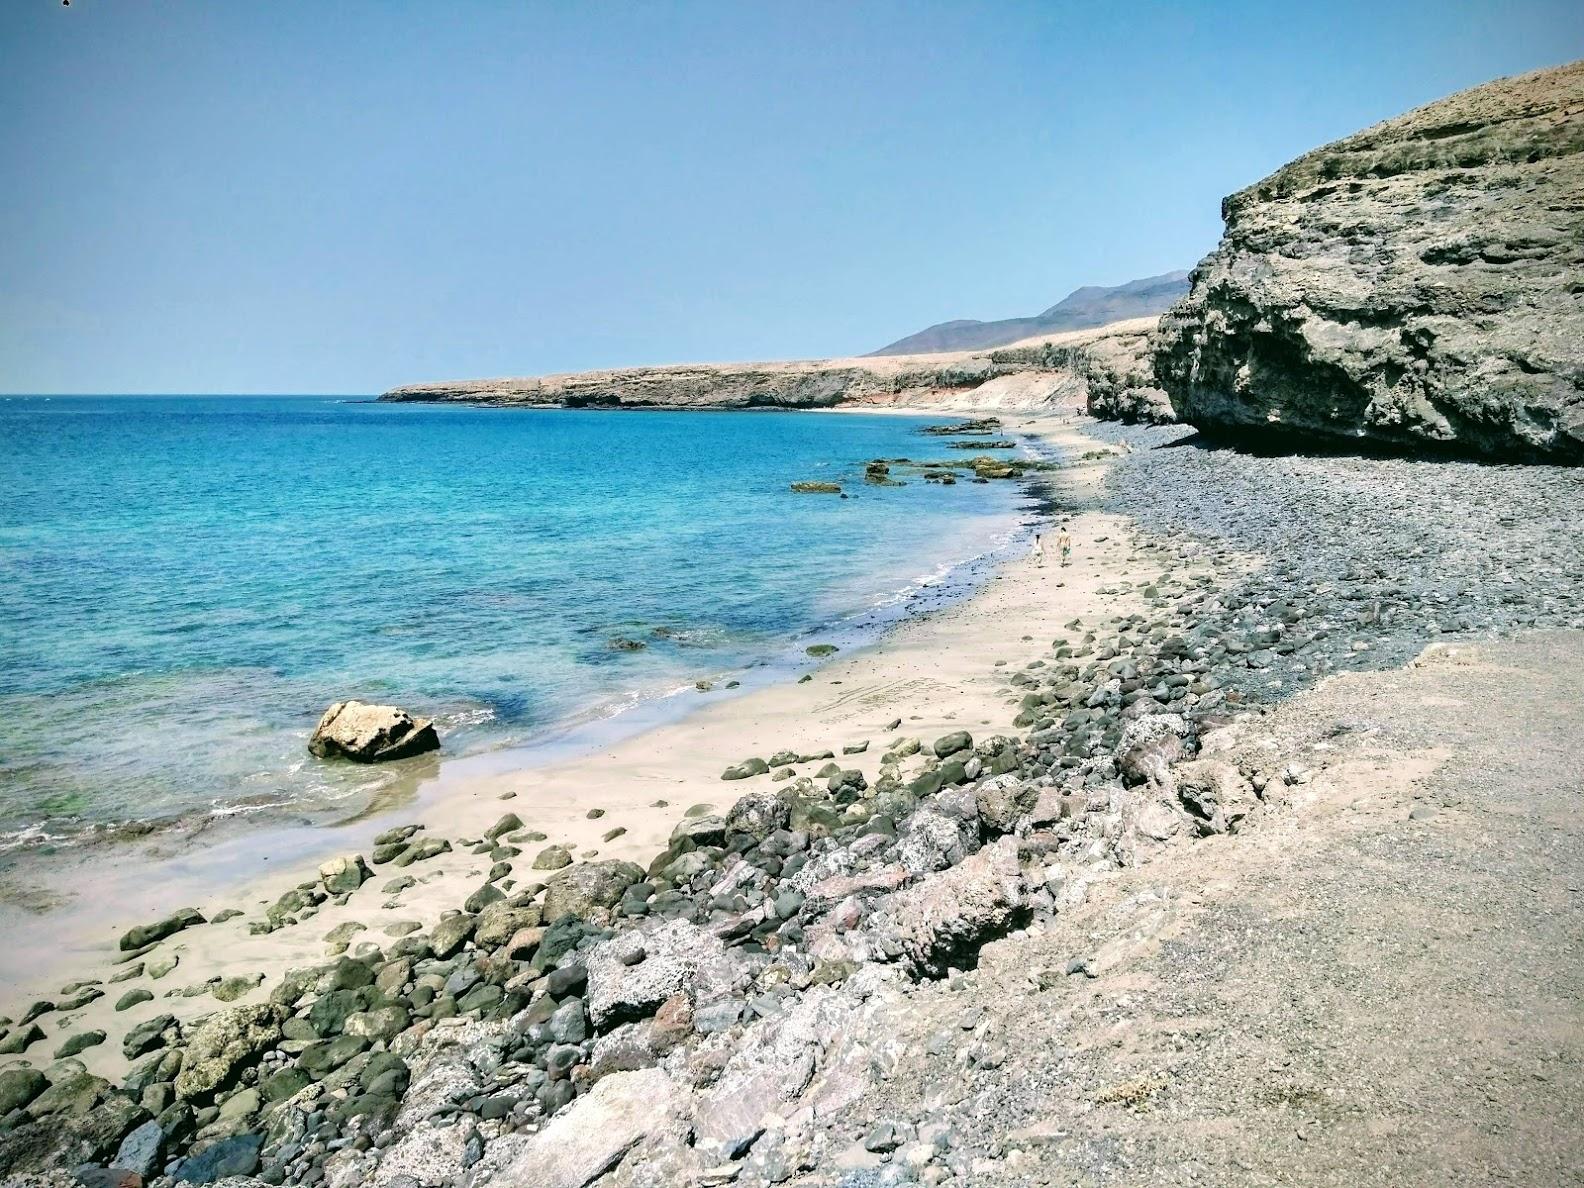 Playa de las Coloradas